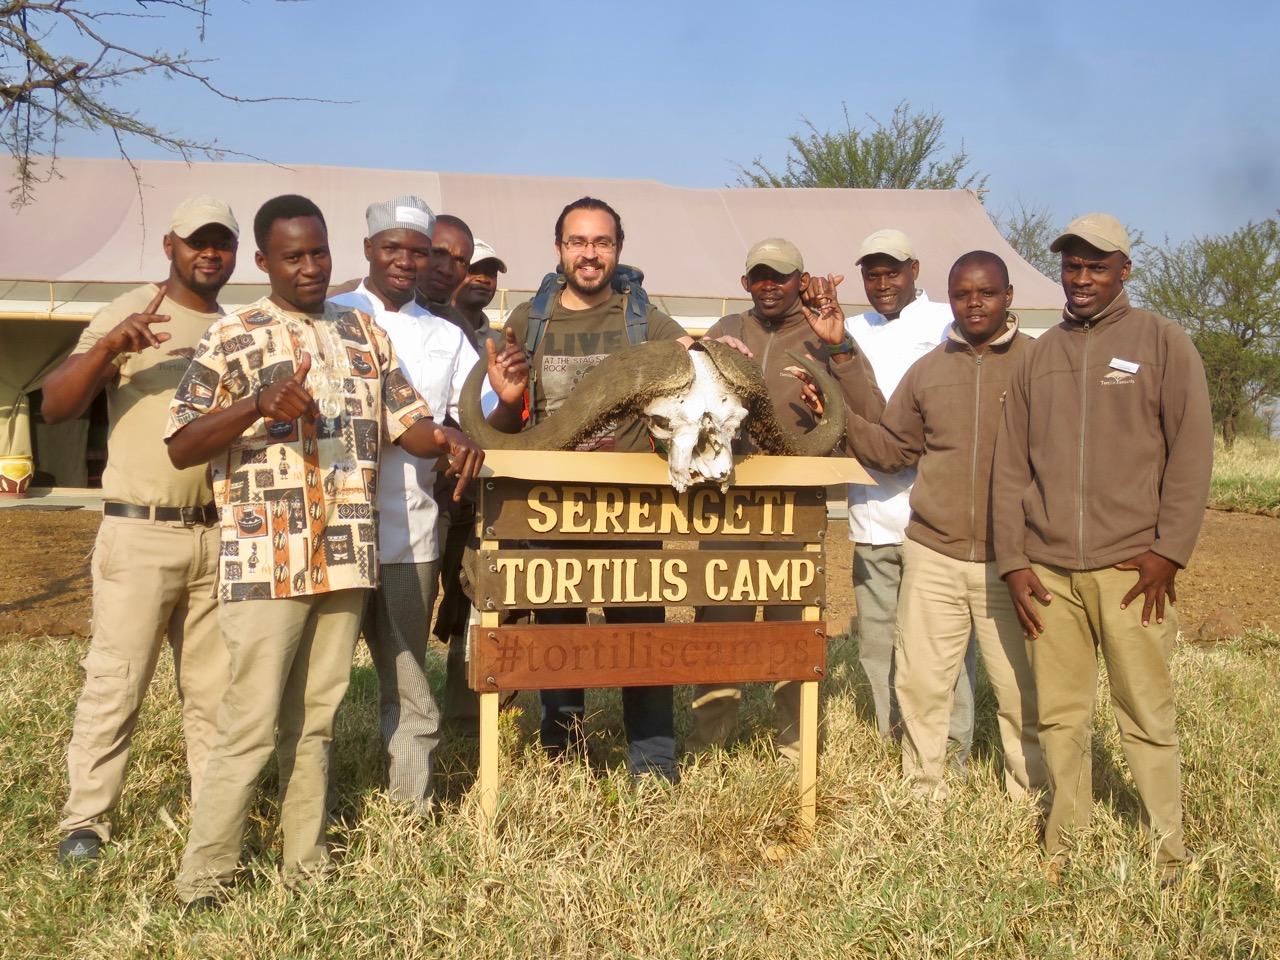 Serengeti 1 40